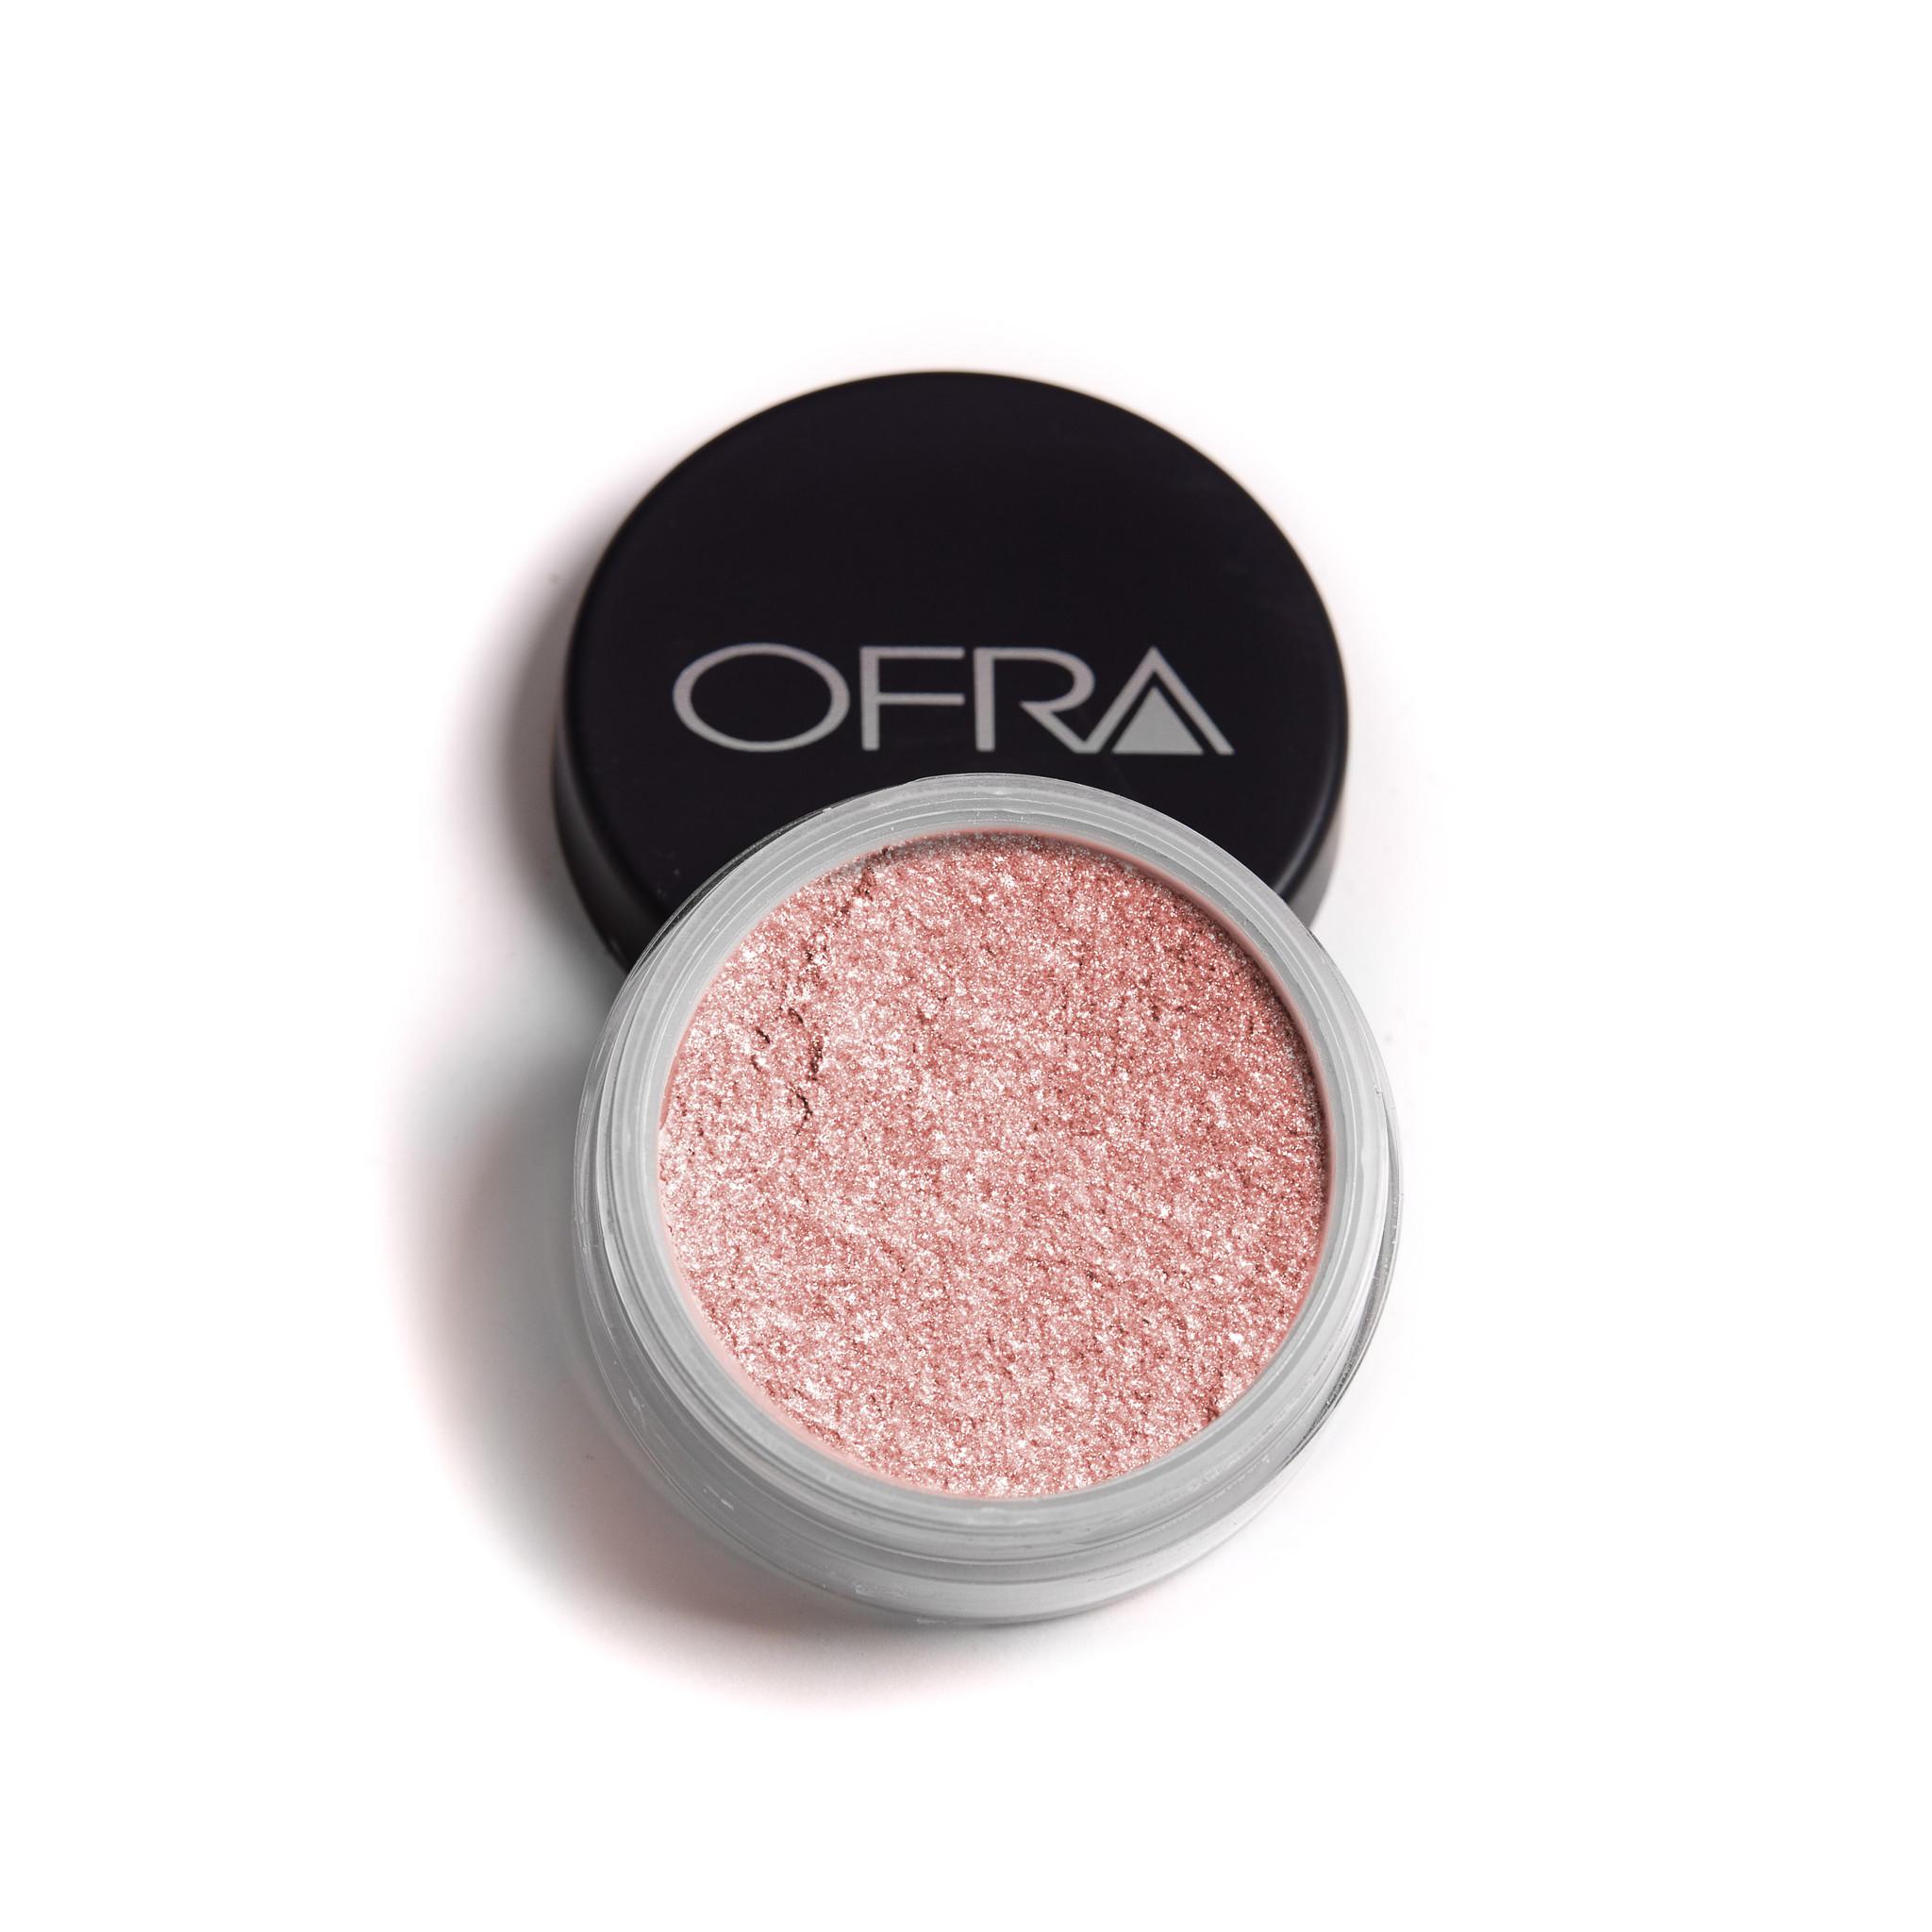 OFRA Derma Mineral Powder Pink Sapphire